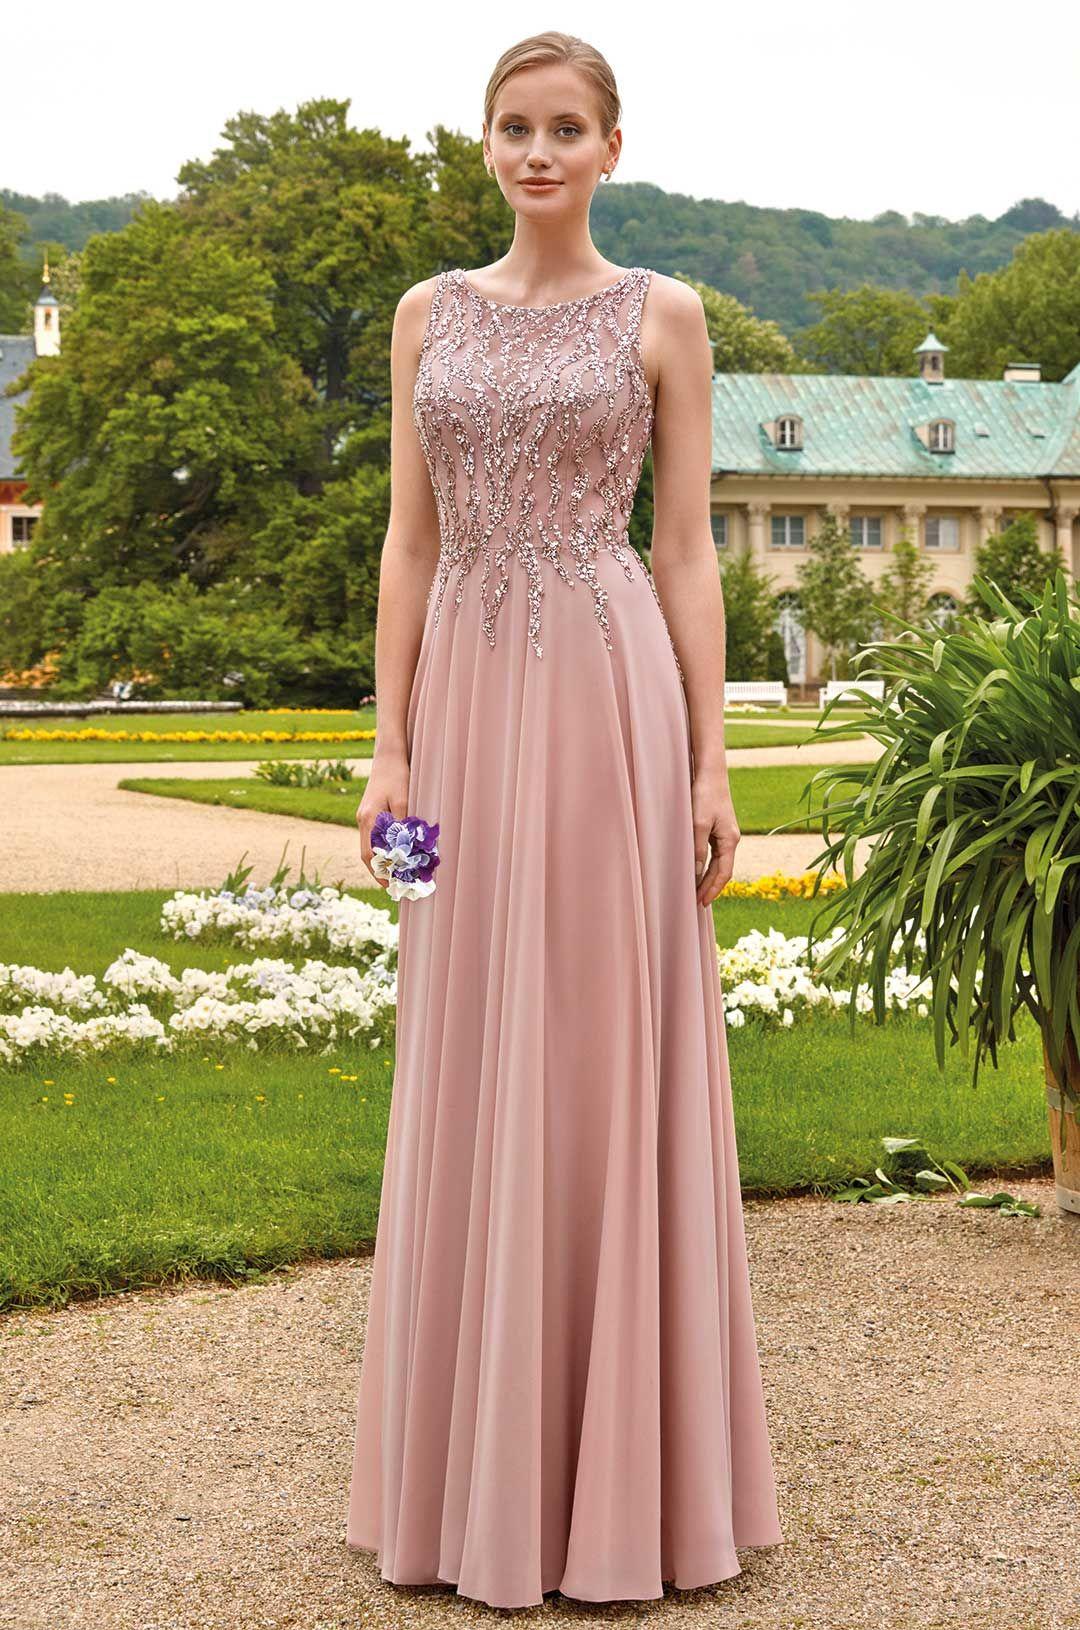 Pin Von Brautmoden Tirol Auf Ball Und Festmode 2020 In 2020 Abendkleid Mode Brautmode